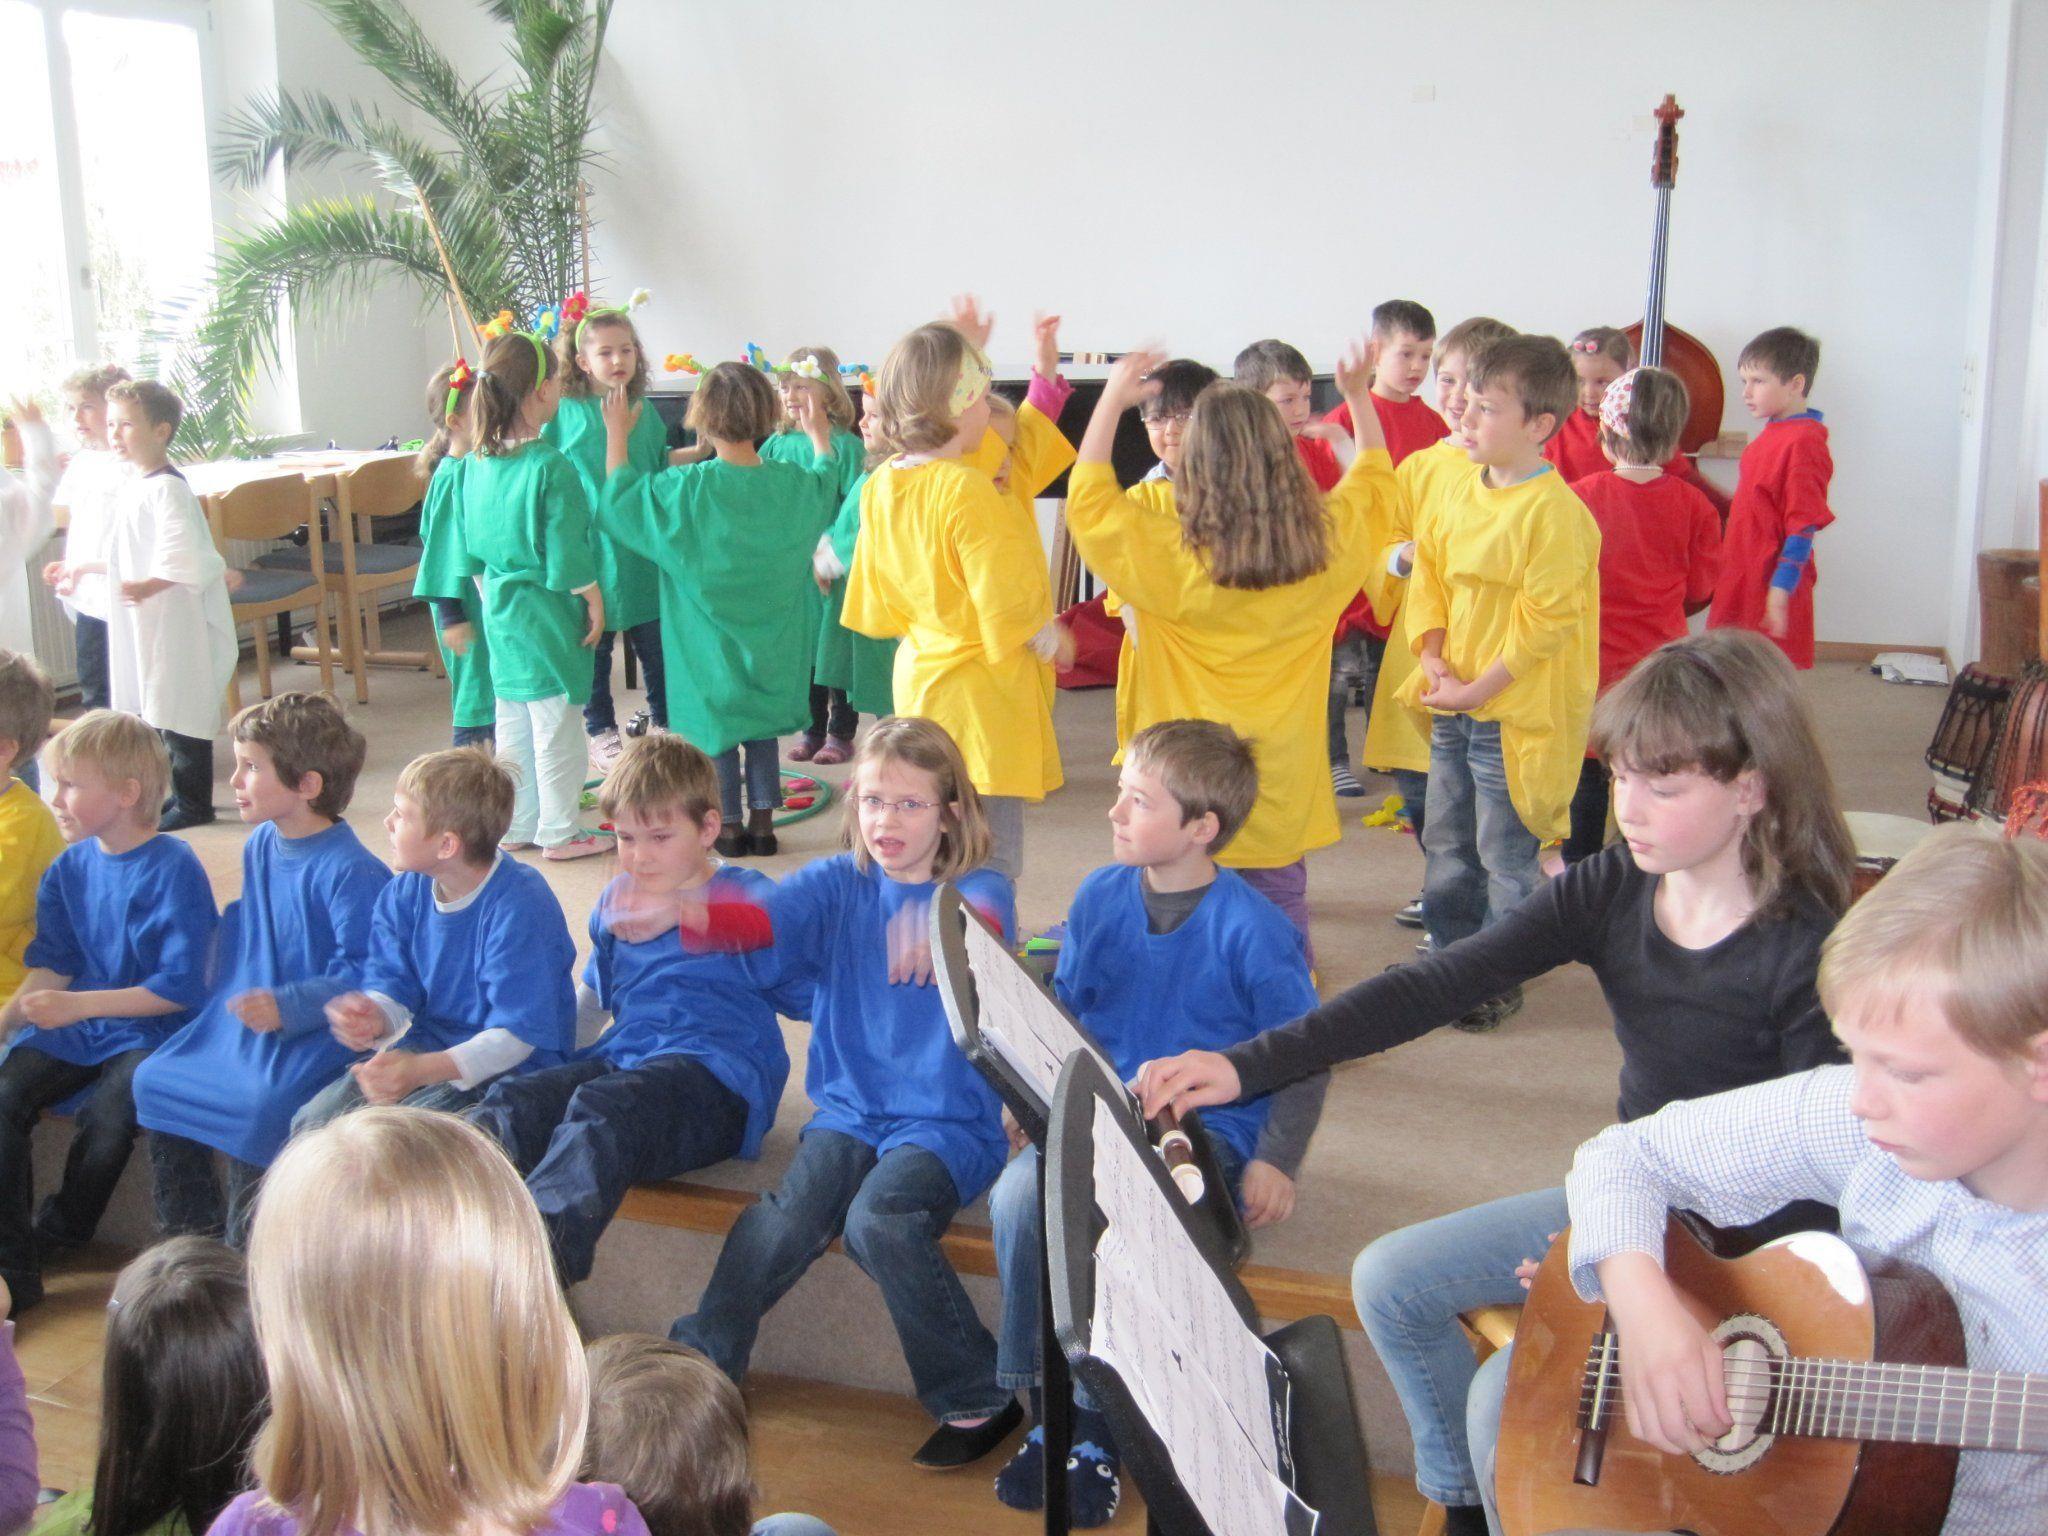 Ansturm auf die Musikschule